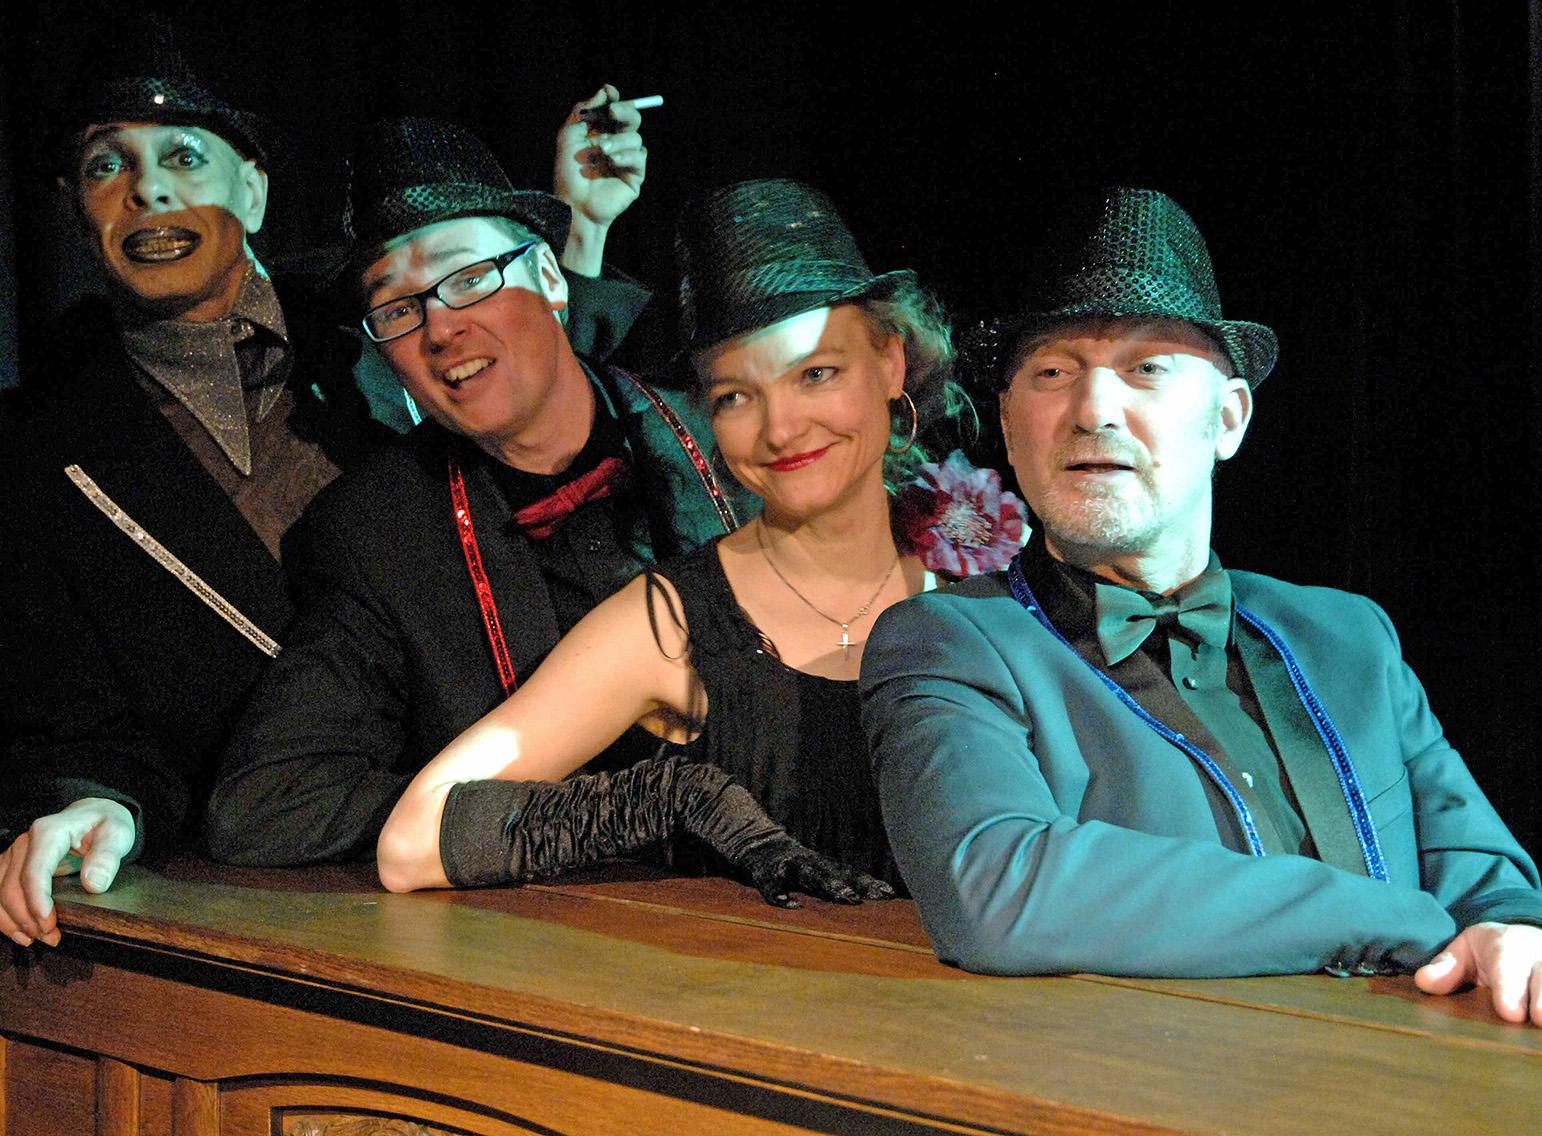 Manuel Quero, Stefan Wolf, Jutta Juchmann und  Yehuda Almagor spielen in der Tucholsky-Revue des Teatron Theaters.